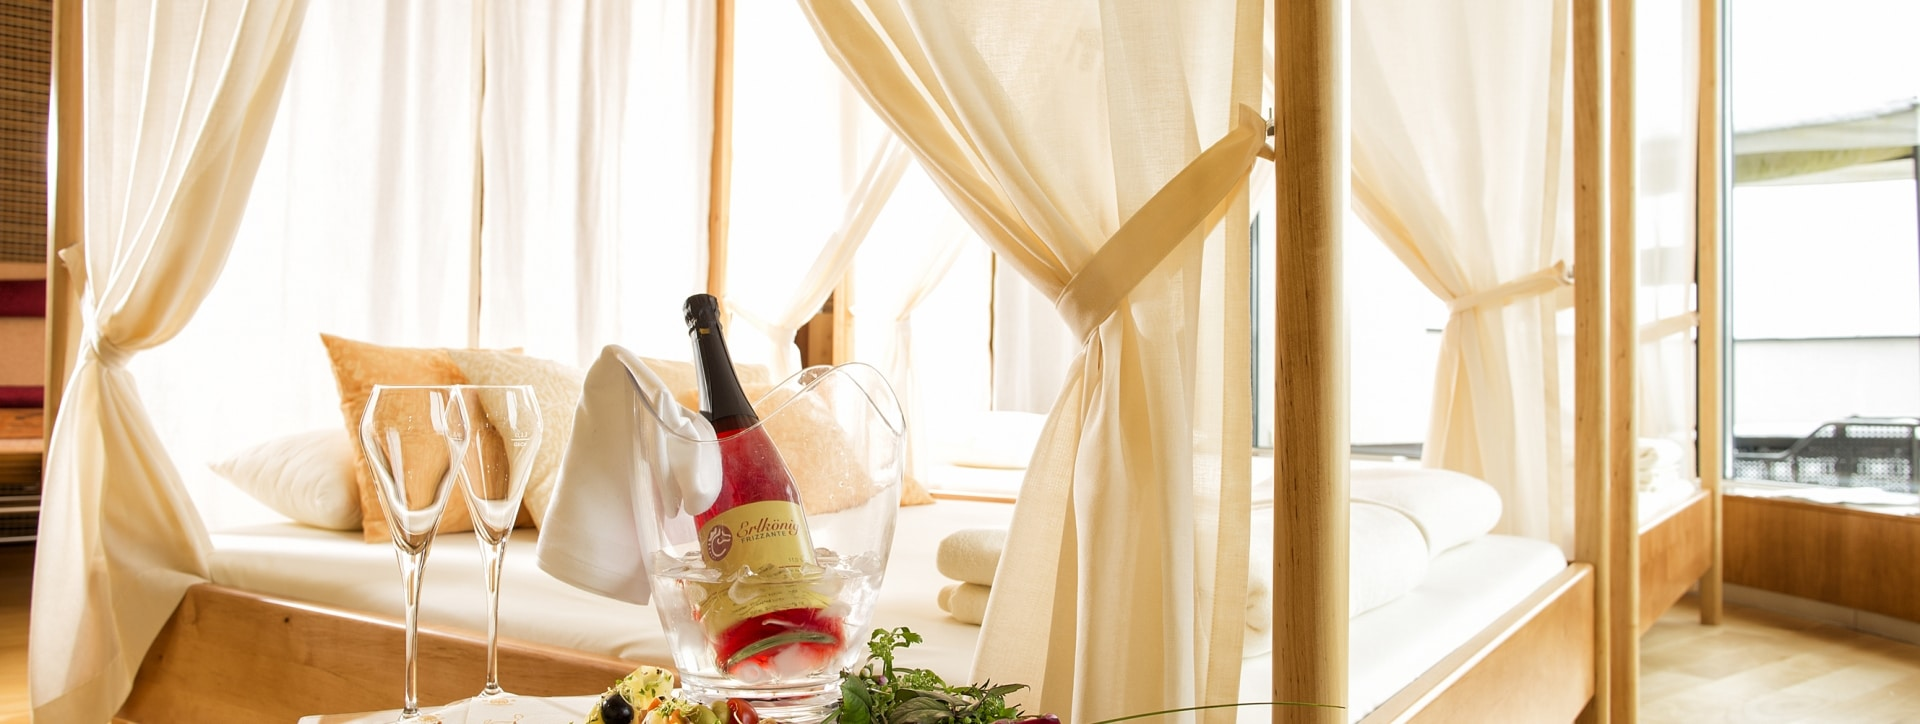 Romantik im Garten-Hotel Ochensberger